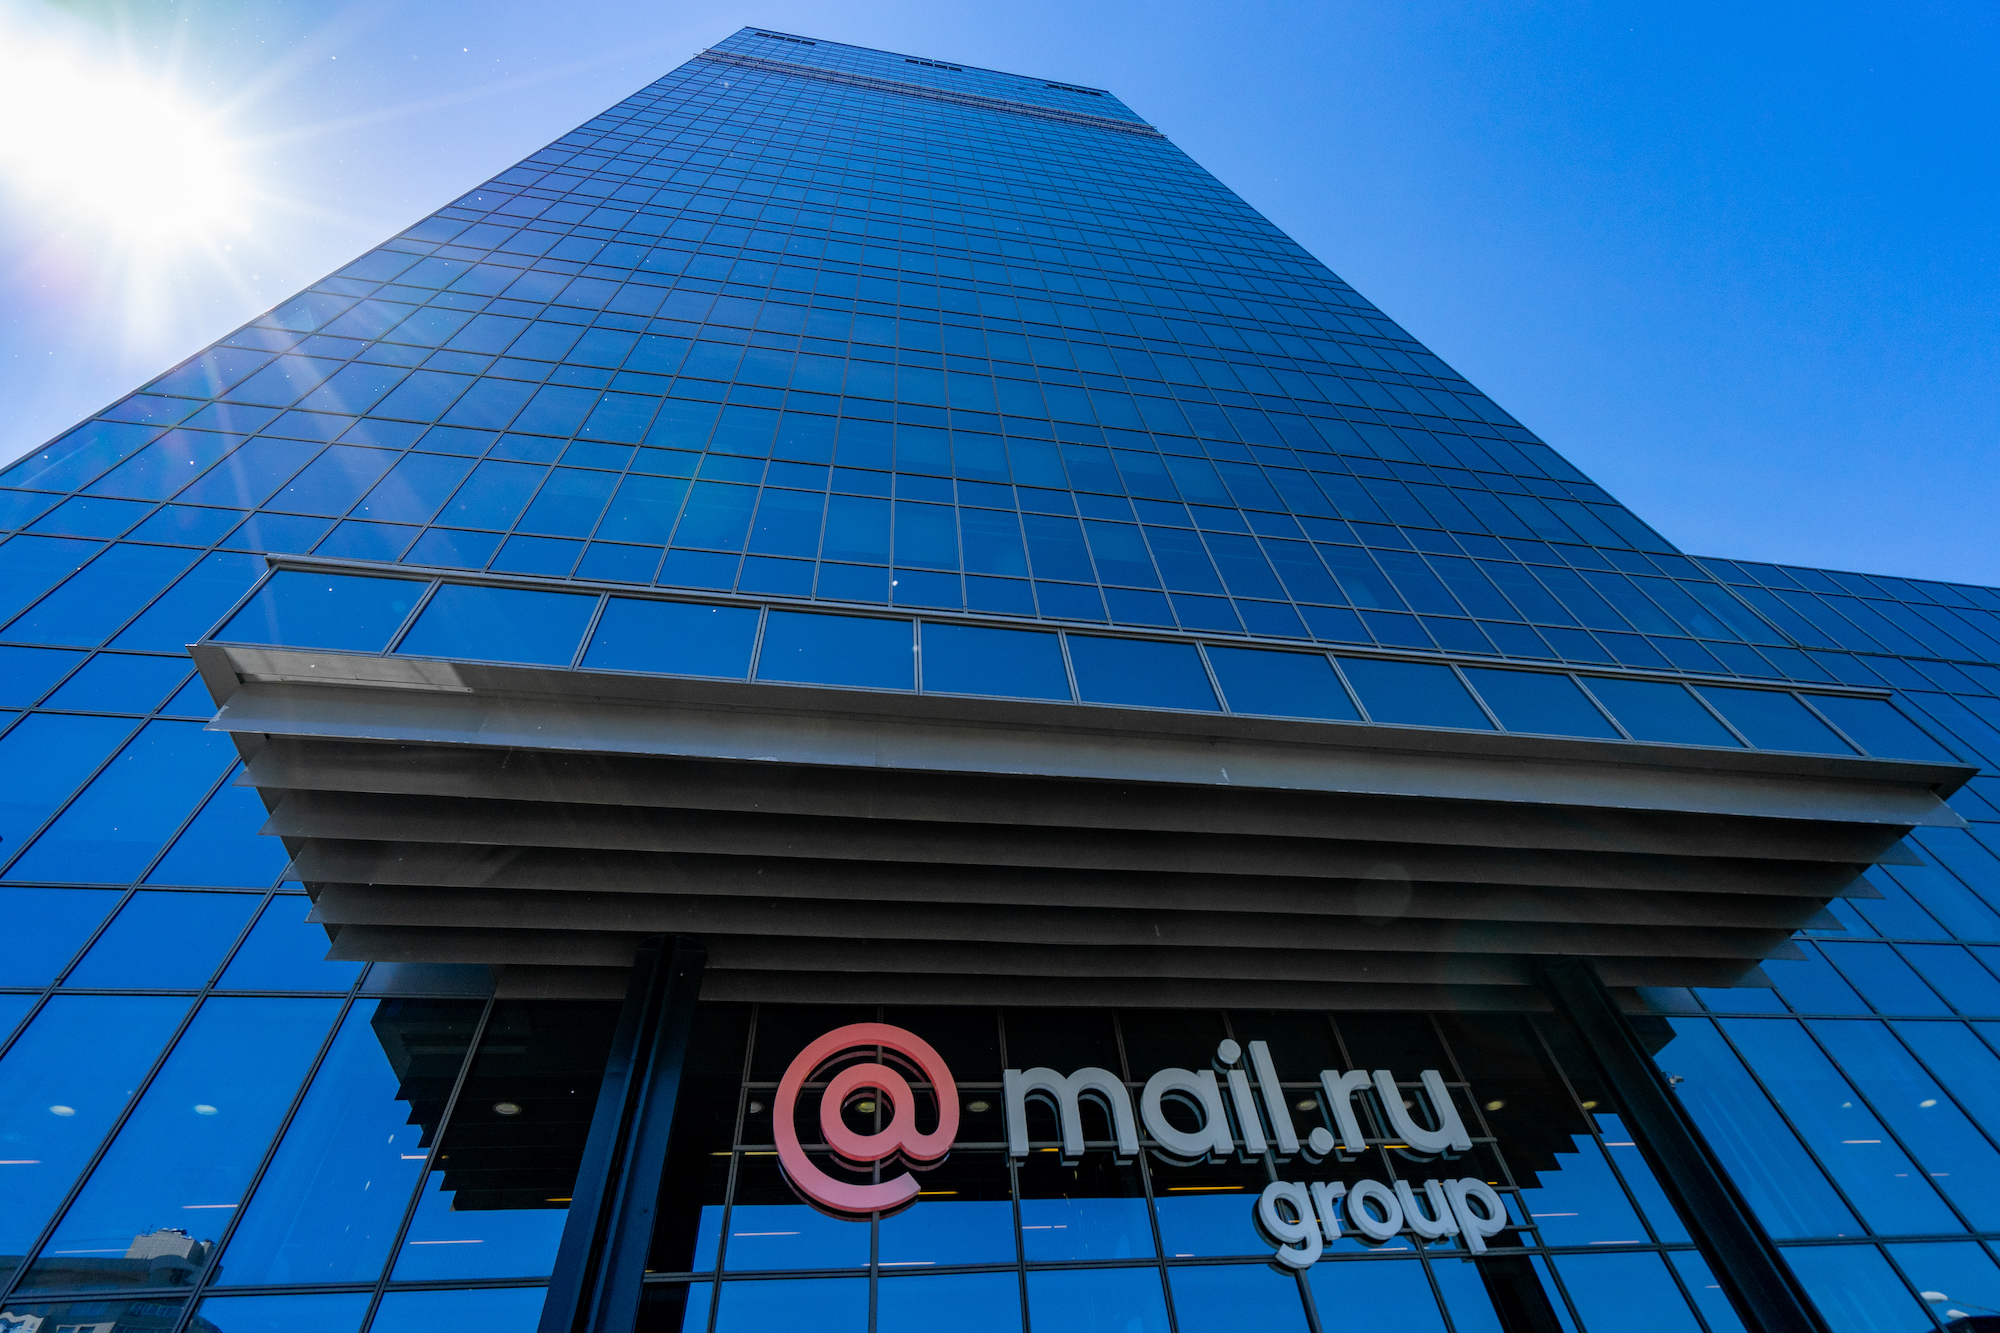 Mail.ru Group стала партнером Miele по цифровой трансформации бизнеса